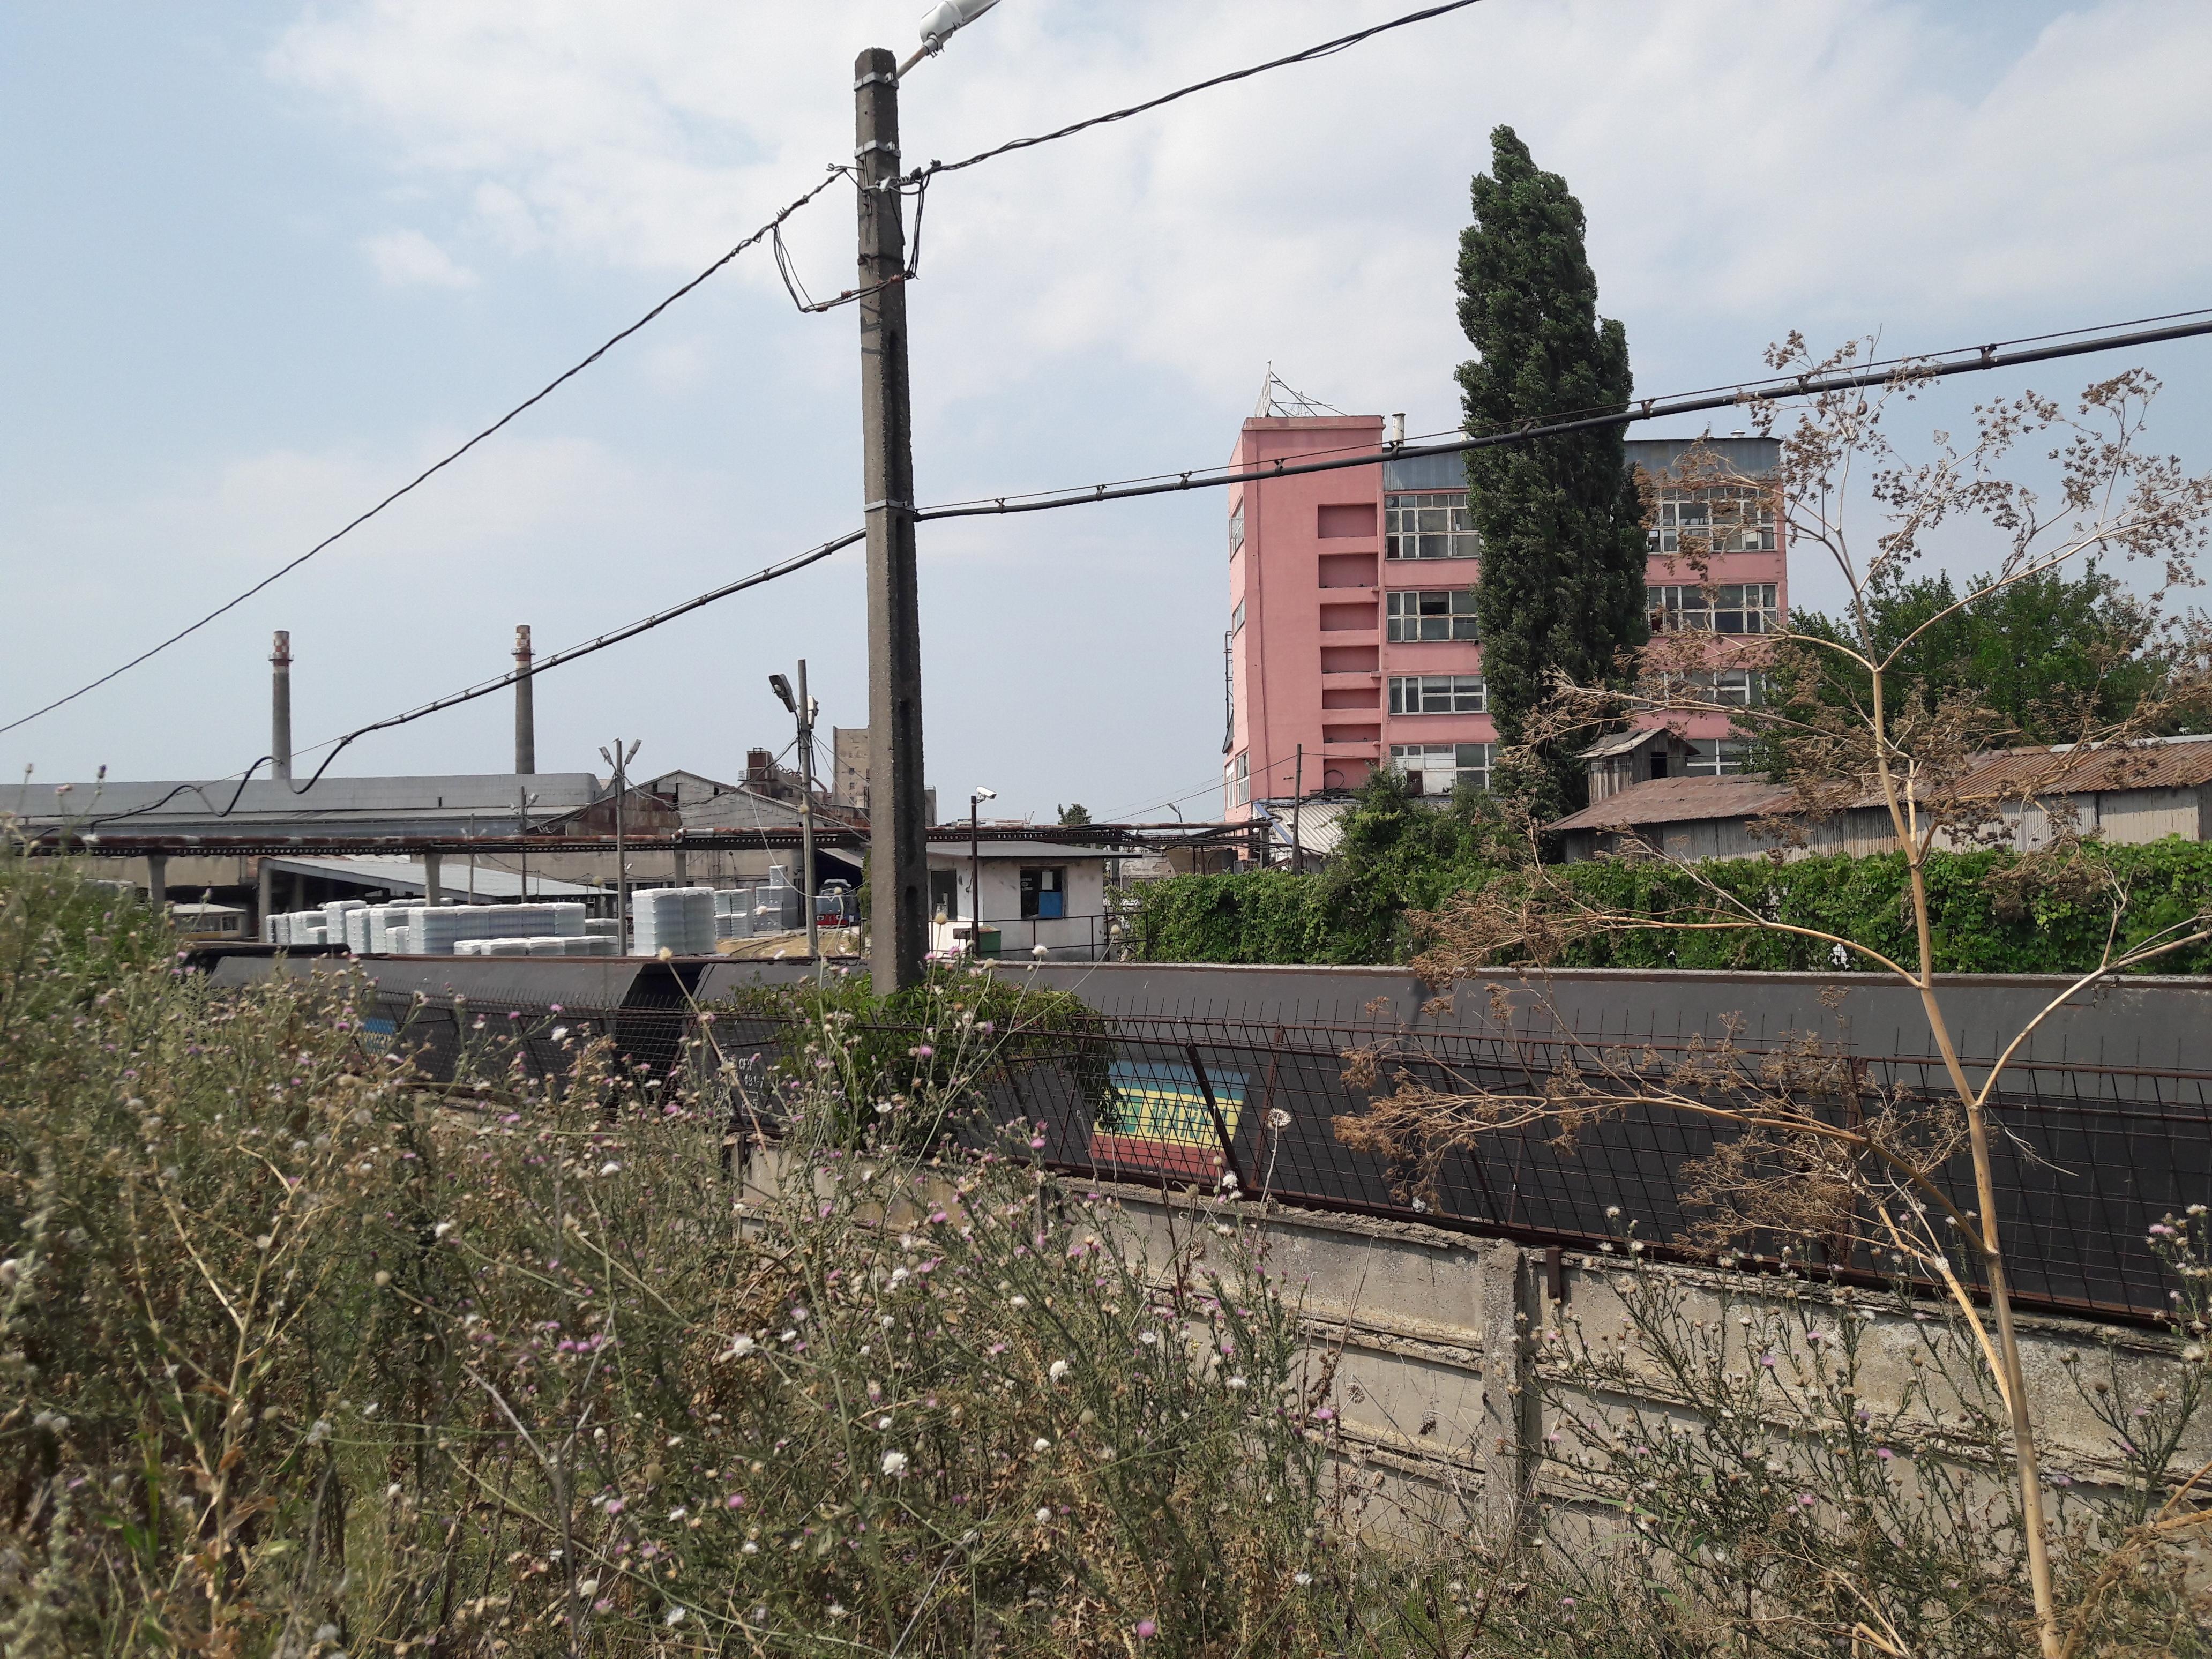 Linii industriale in Bucuresti! 20170808_130920